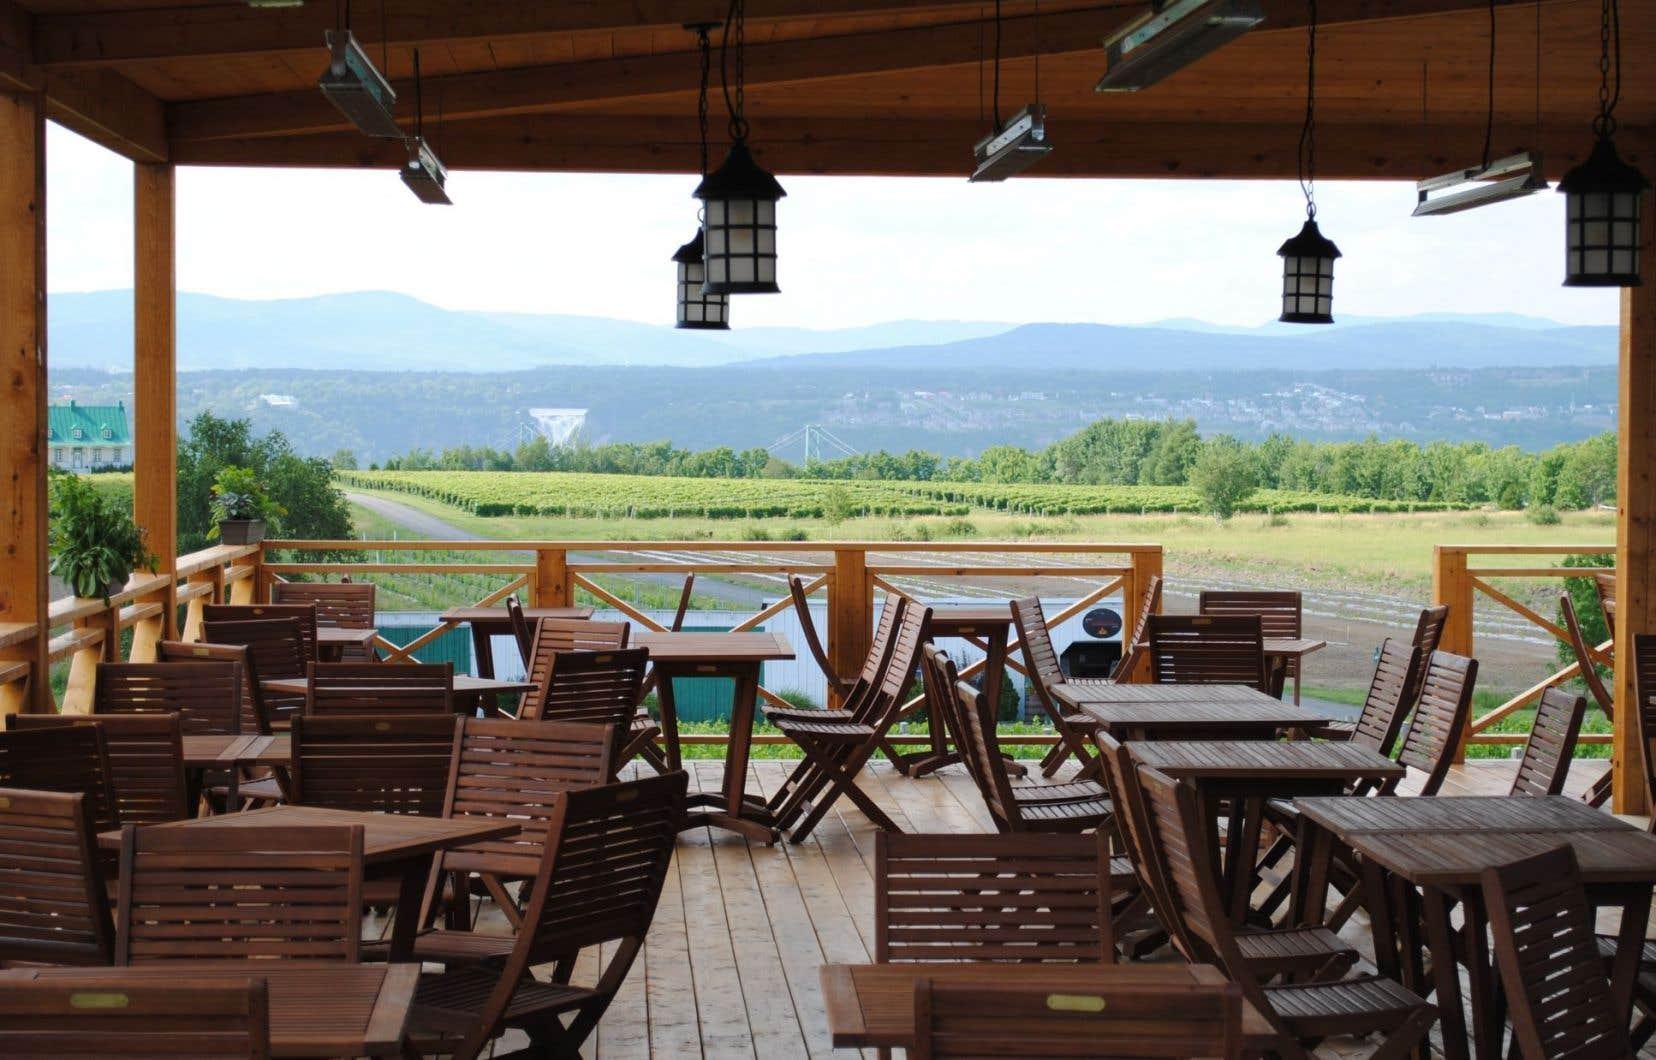 Le petit frère du restaurant Panache de l'hôtel, Panache mobile, est situé dans un décor champêtre, au beau milieu du vignoble de Sainte-Pétronille à l'île d'Orléans.